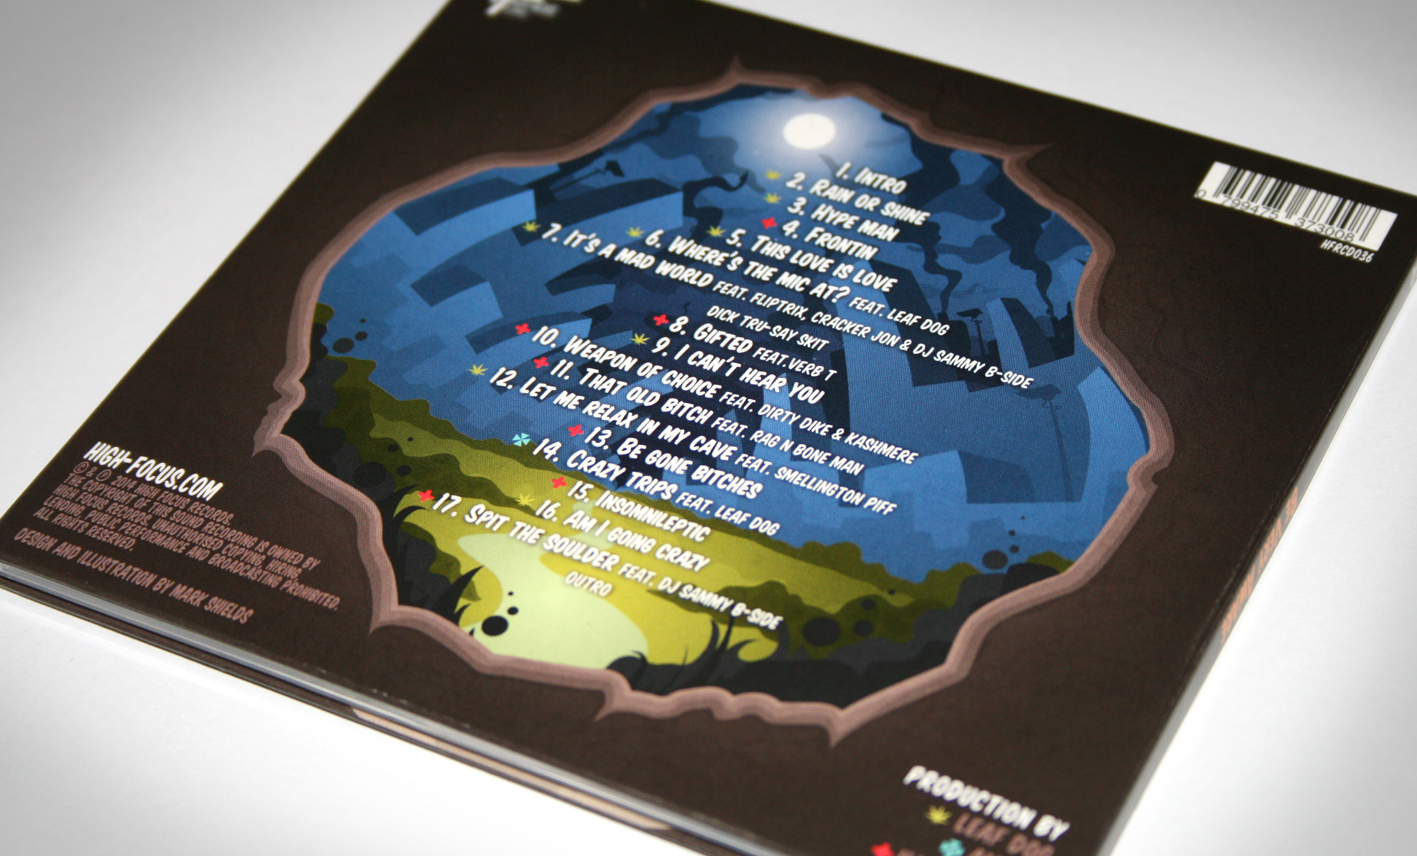 BVA cd back